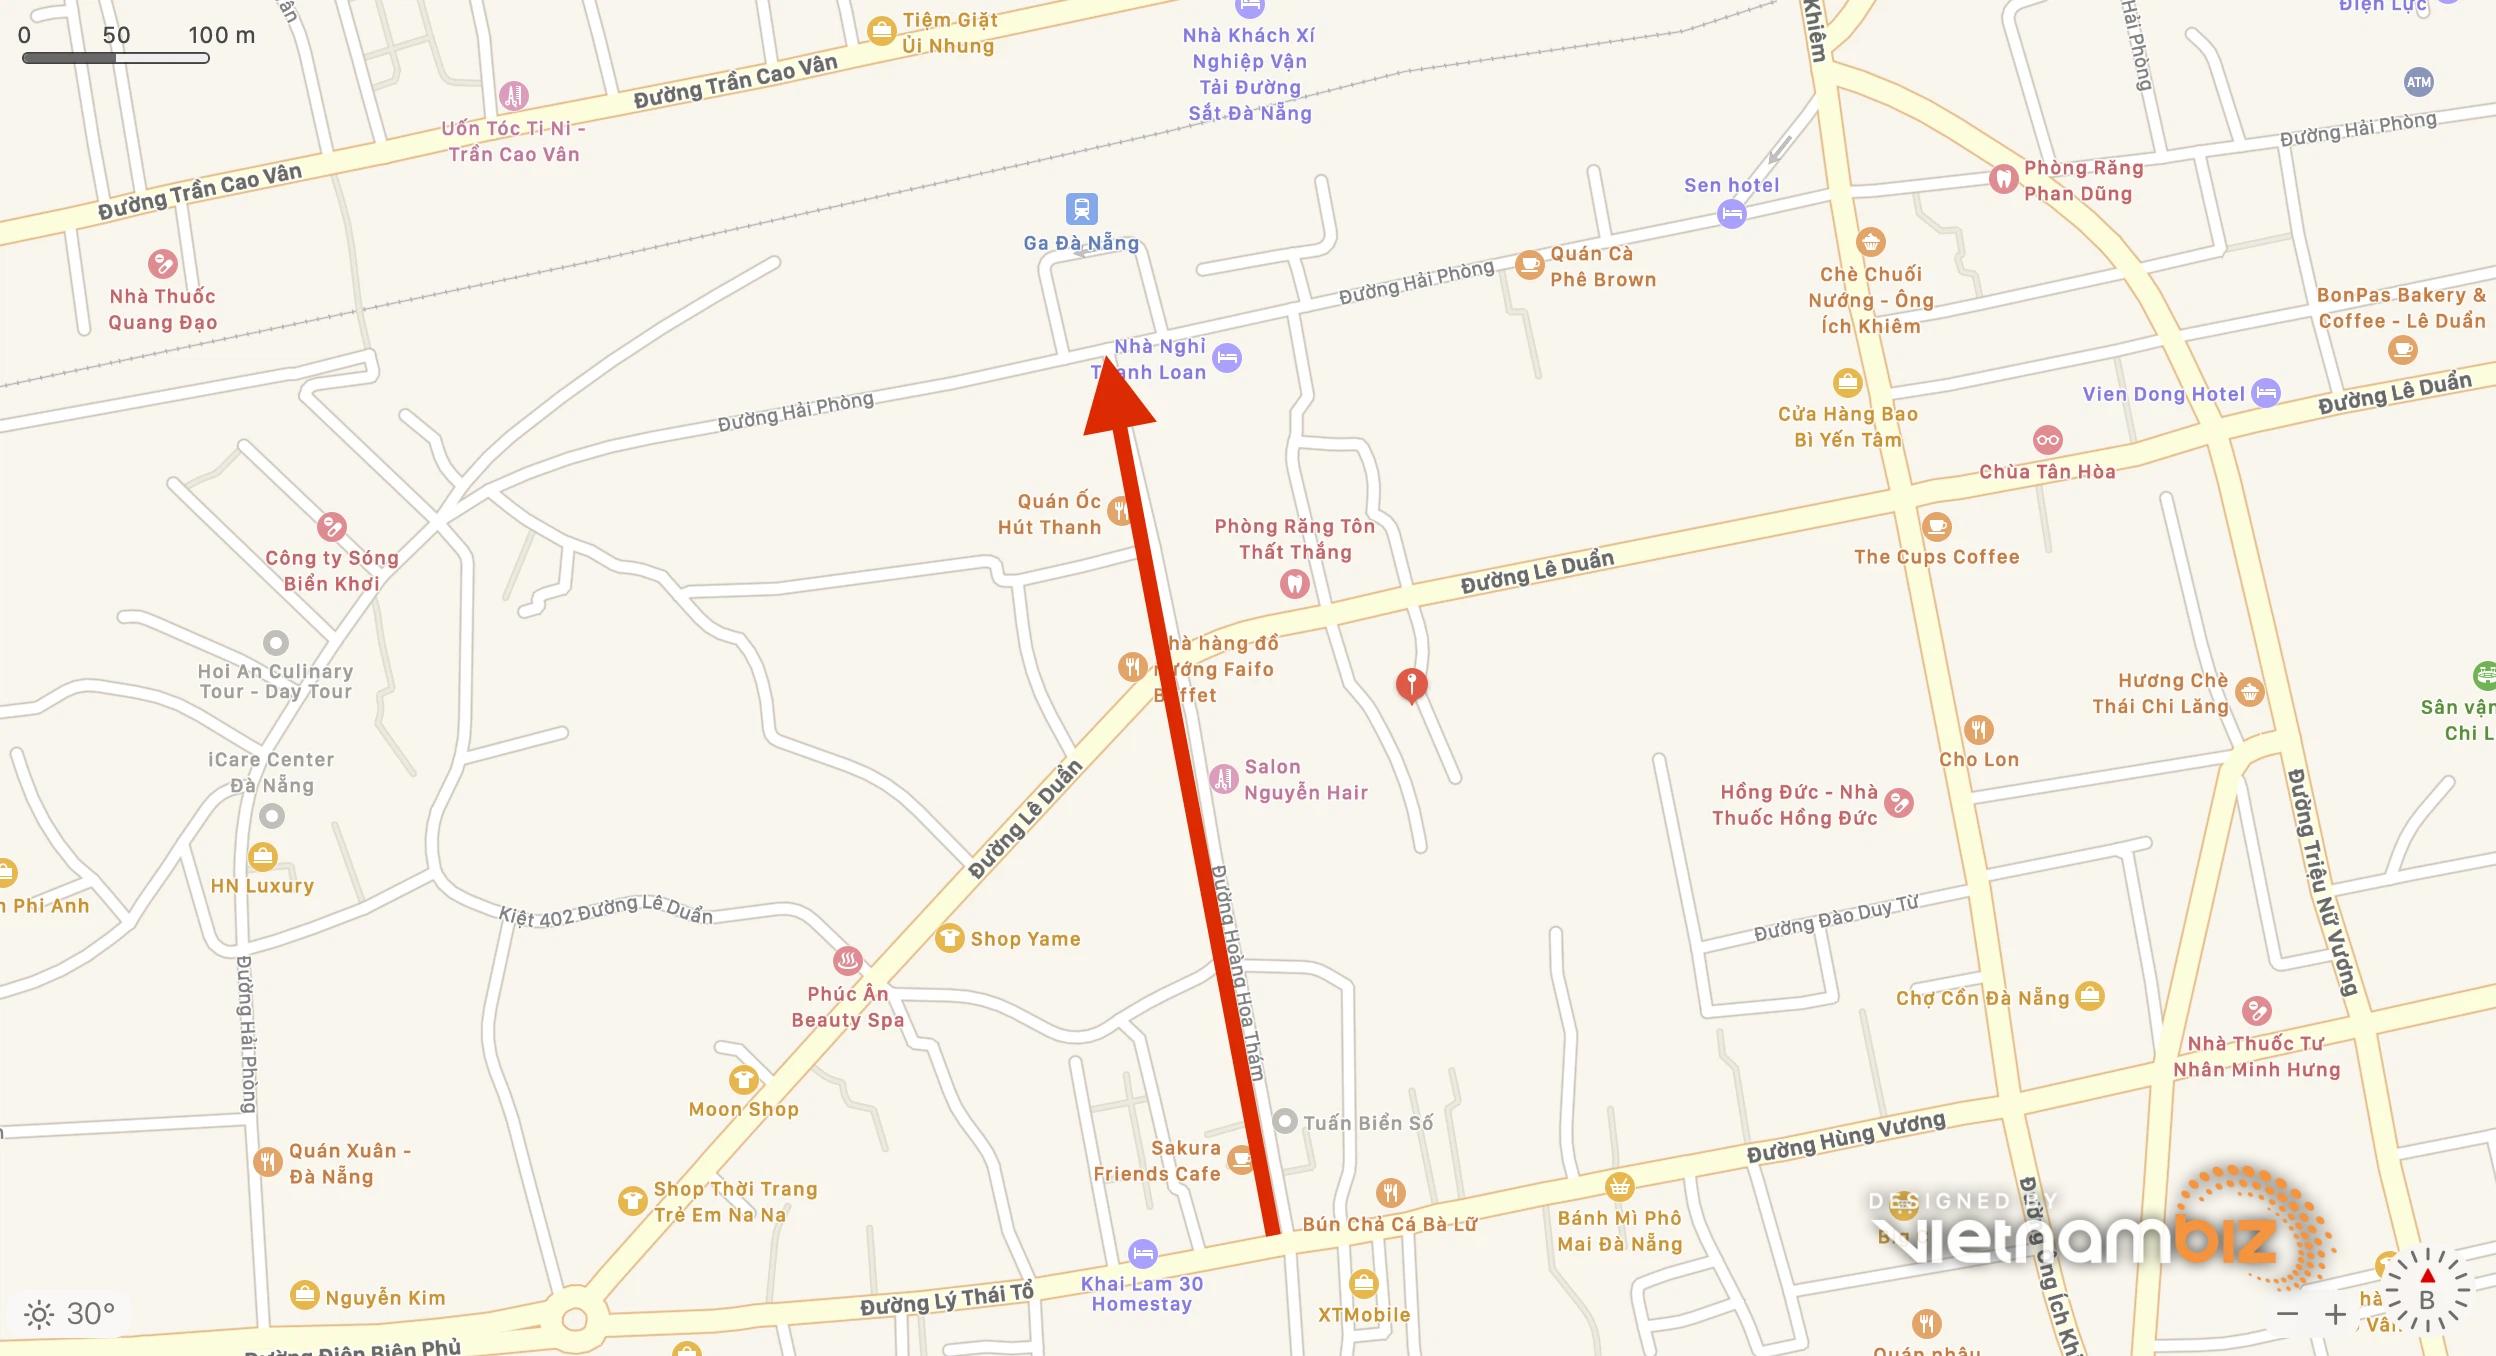 Đà Nẵng quy hoạch mở đường Hoàng Hoa Thám xuyên qua Ga đường sắt đến đường Nguyễn Tất Thành - Ảnh 2.